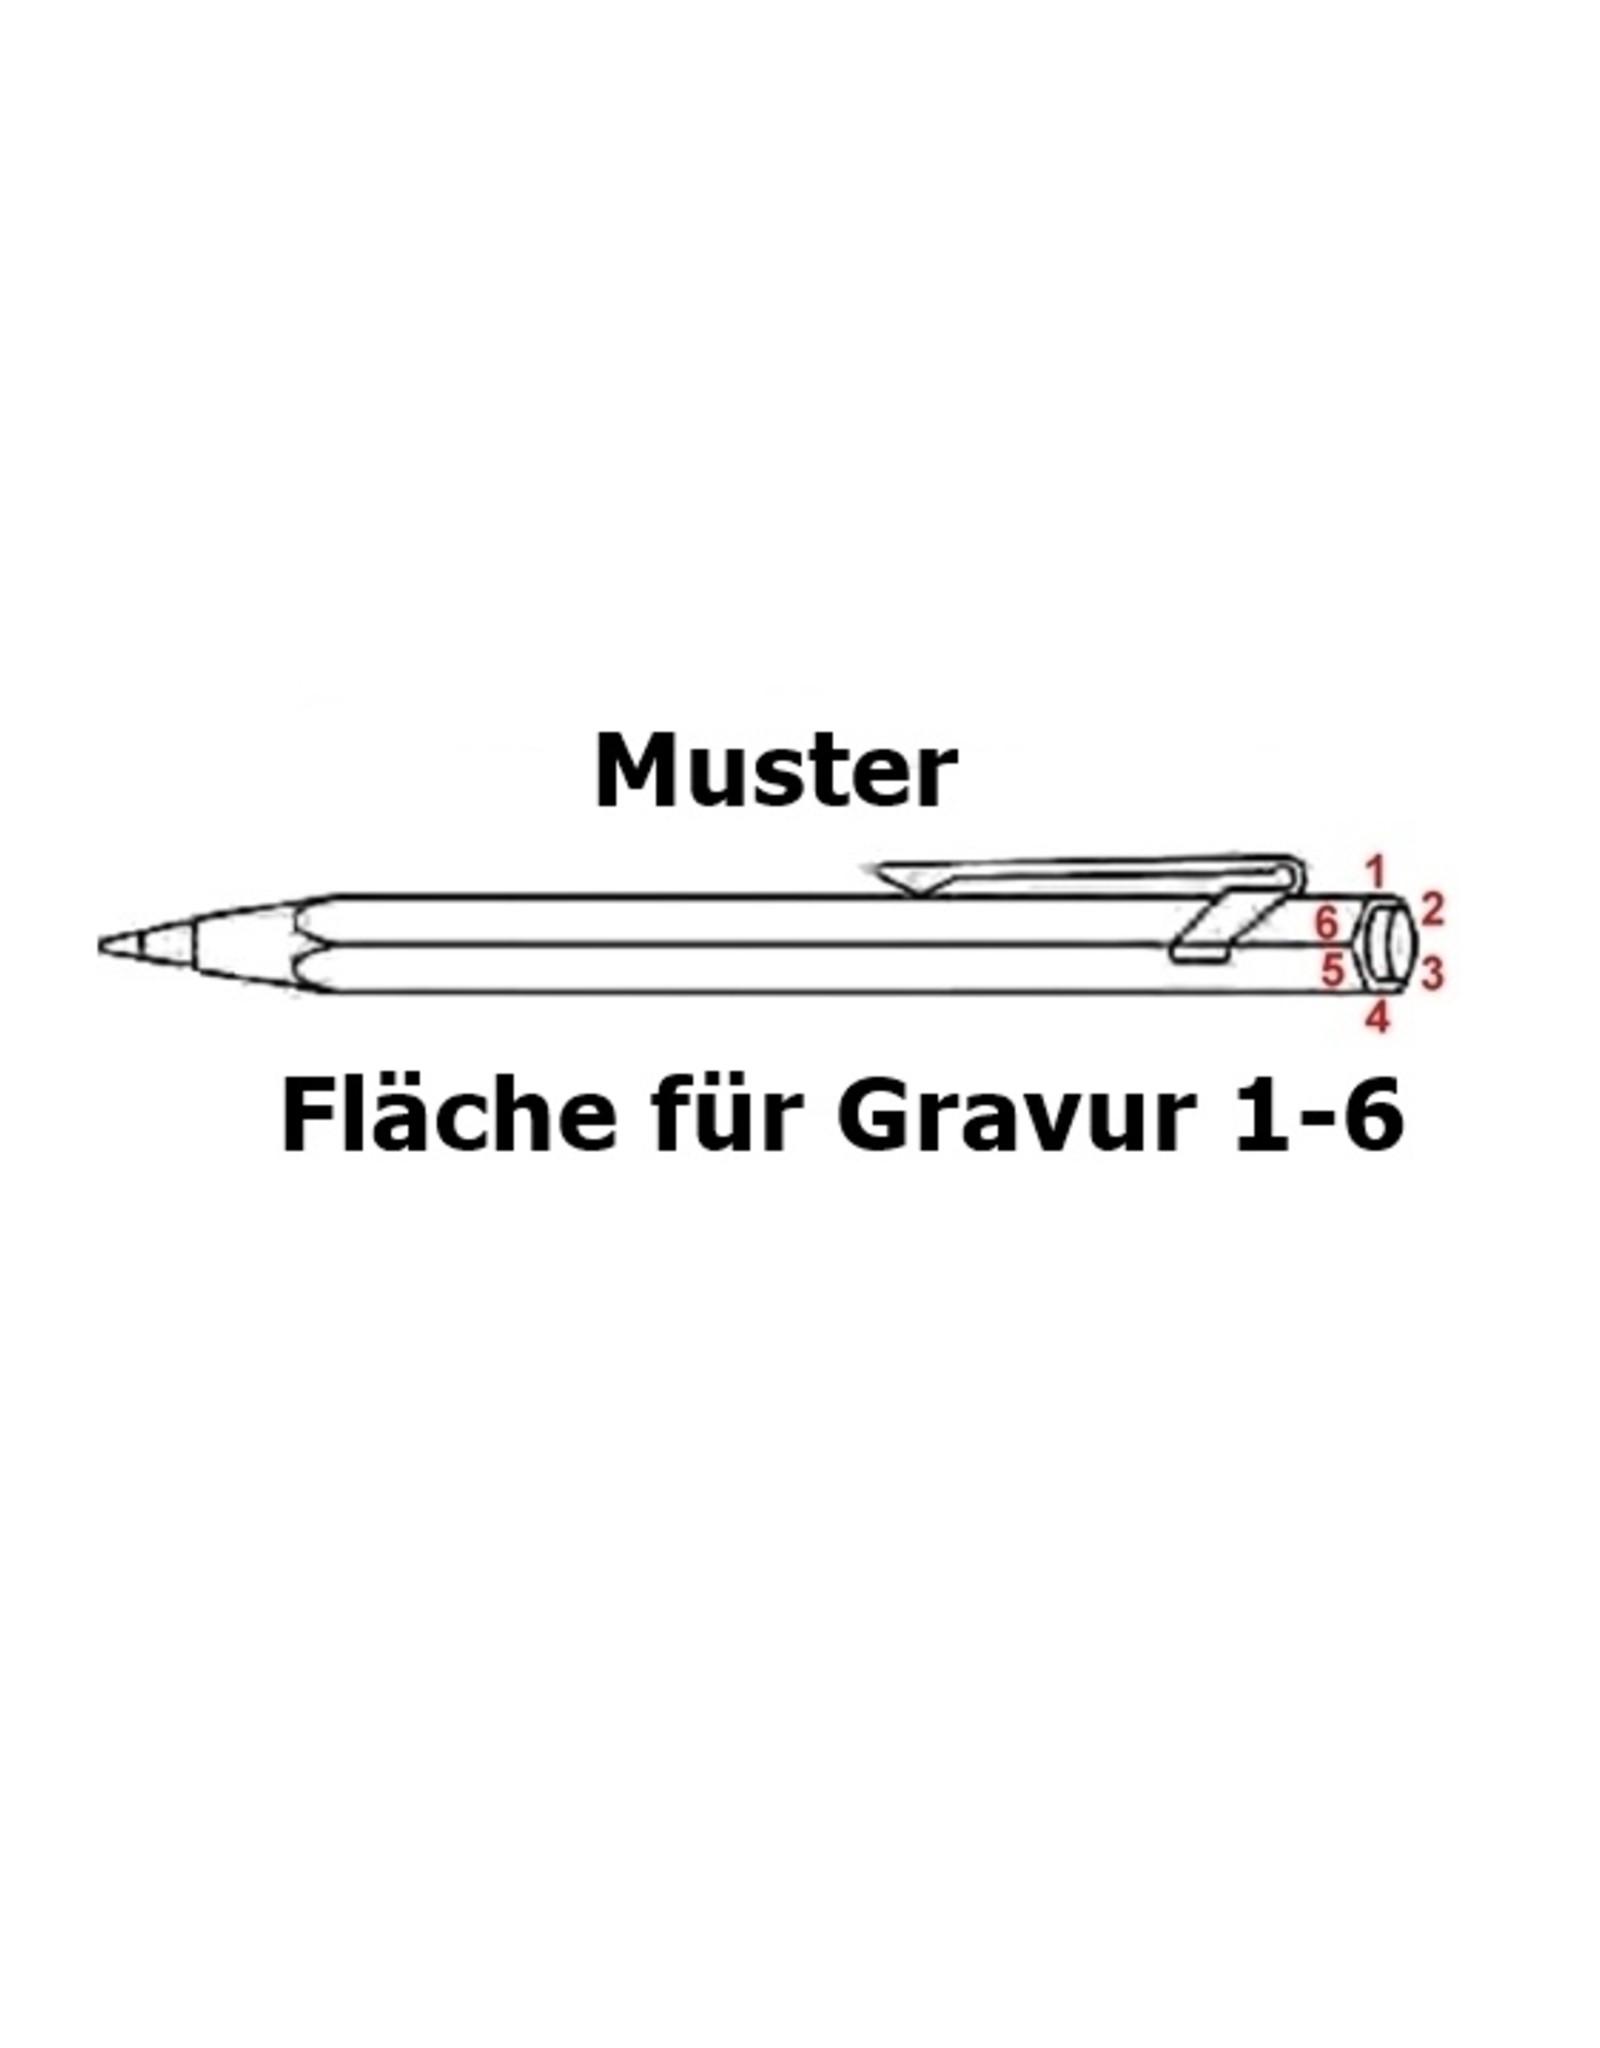 Nesspresso Kugelschreiber von Caran d'Ache  3. limitierte Edition violett